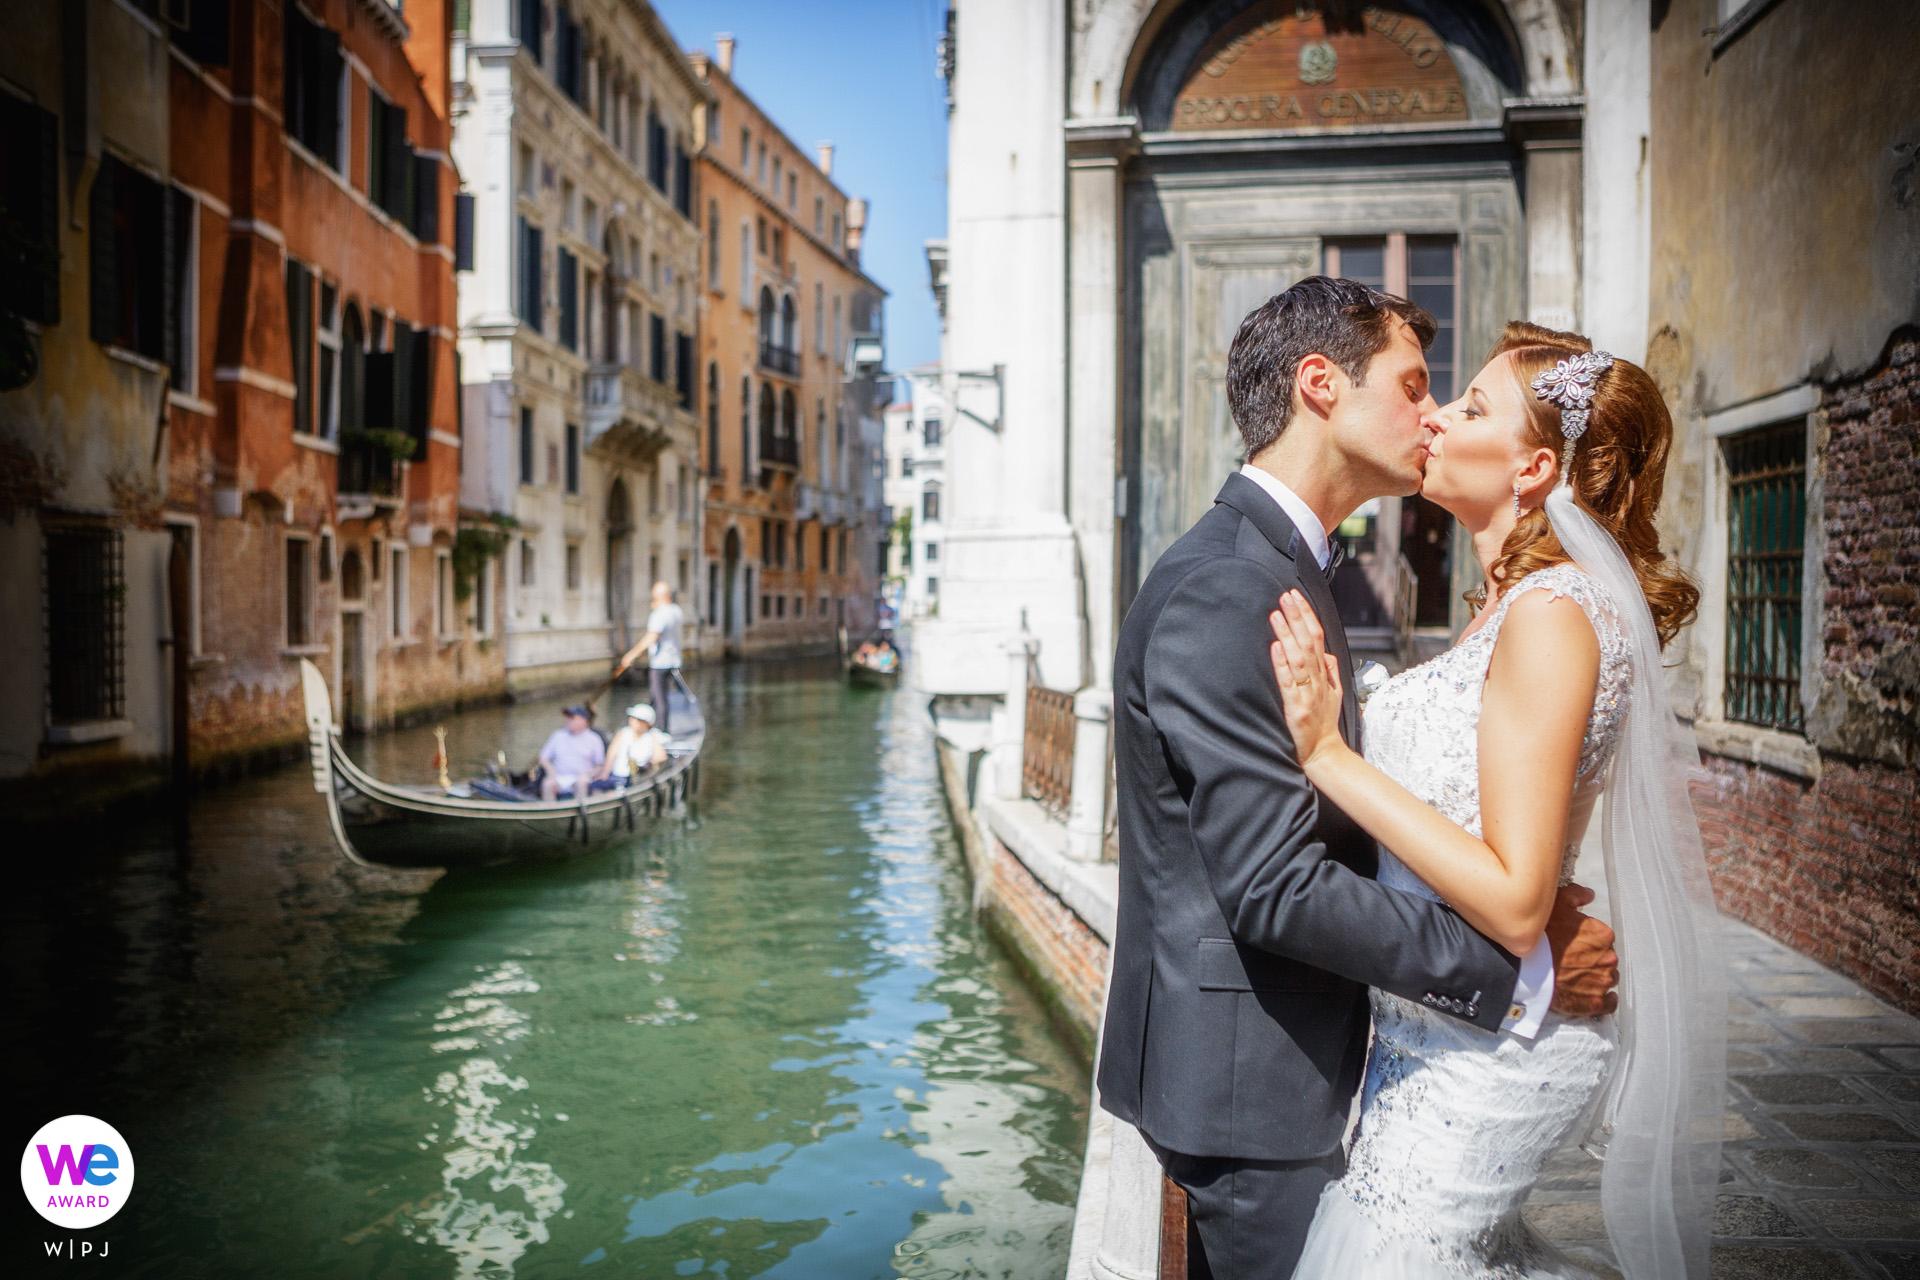 Venise, Italie Romantique Photo Elopement   Le couple est allé se promener et a pris des photos romantiques, profitant de la magie de Venise